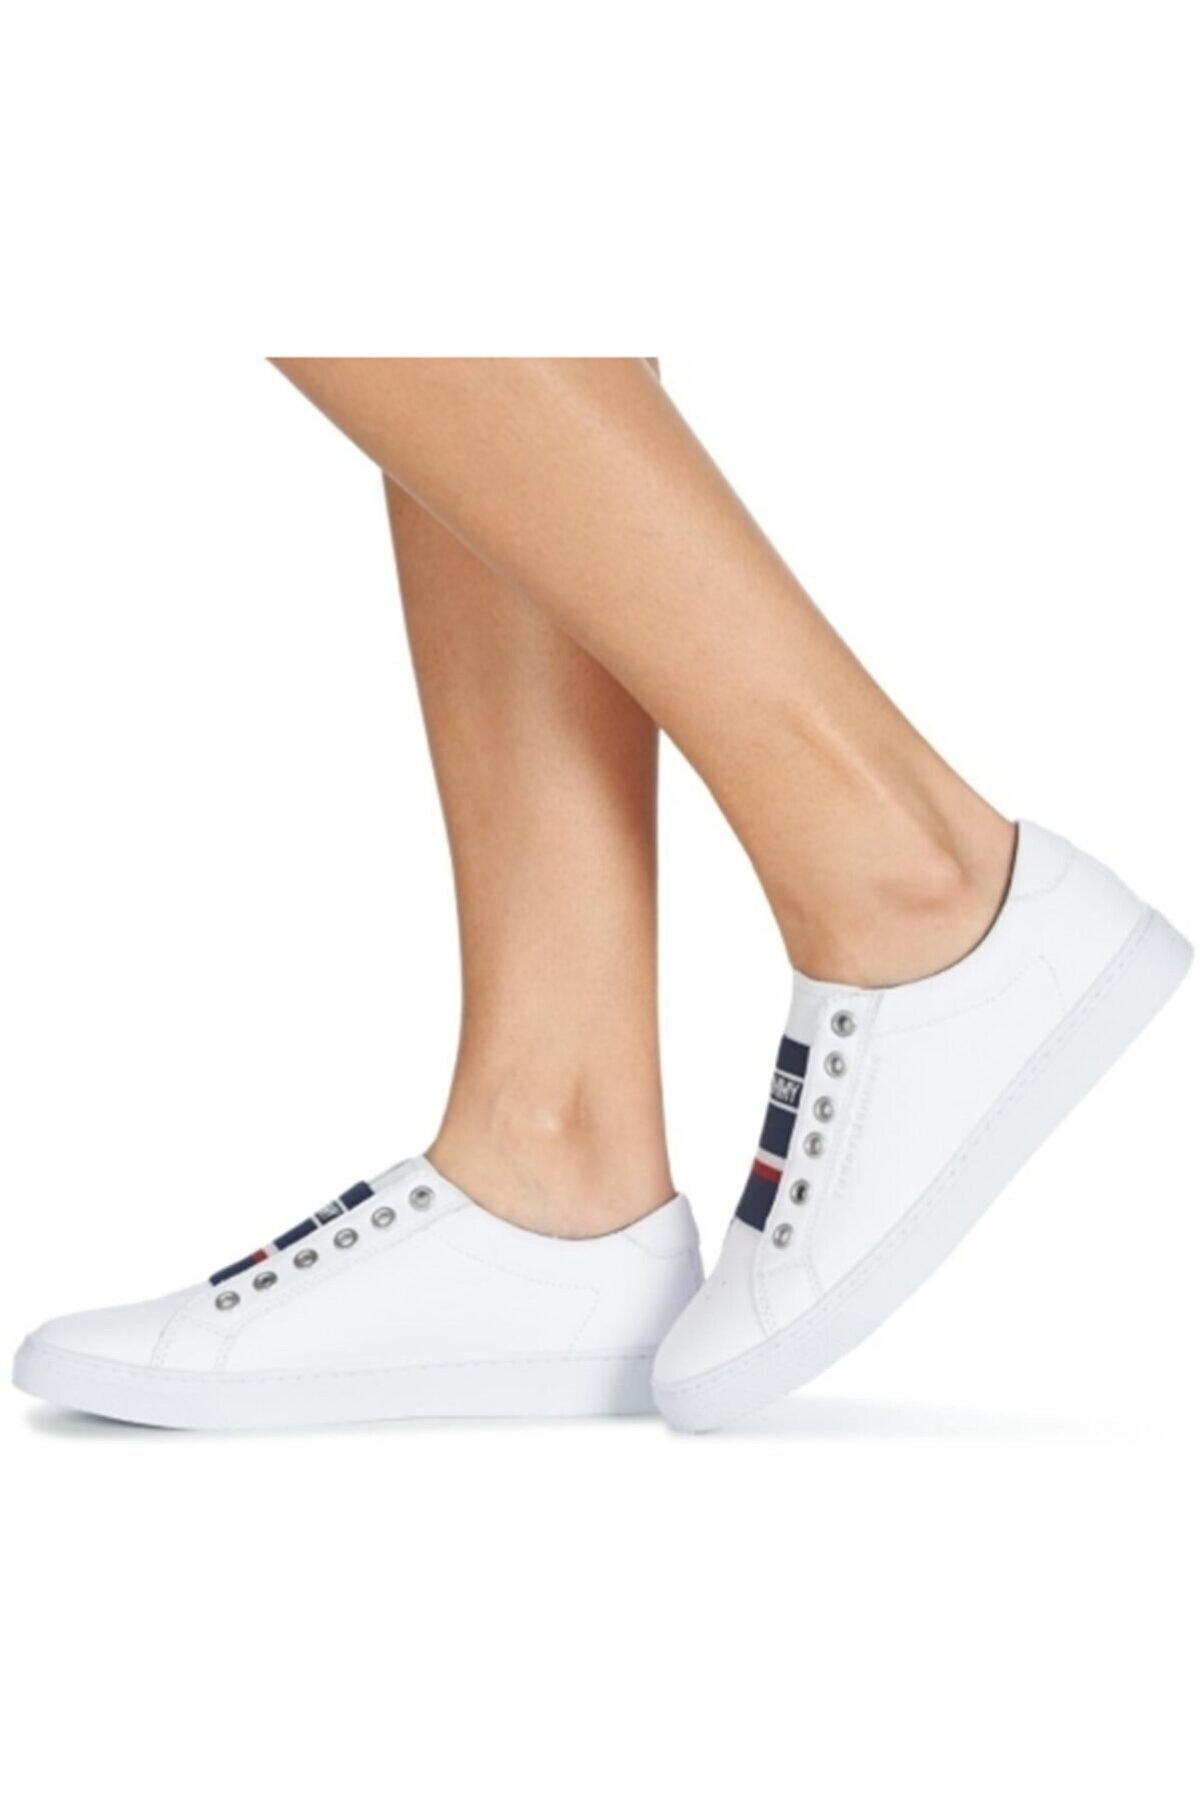 Tommy Hilfiger Kadın Beyaz Venus 8c1 Ayakkabı